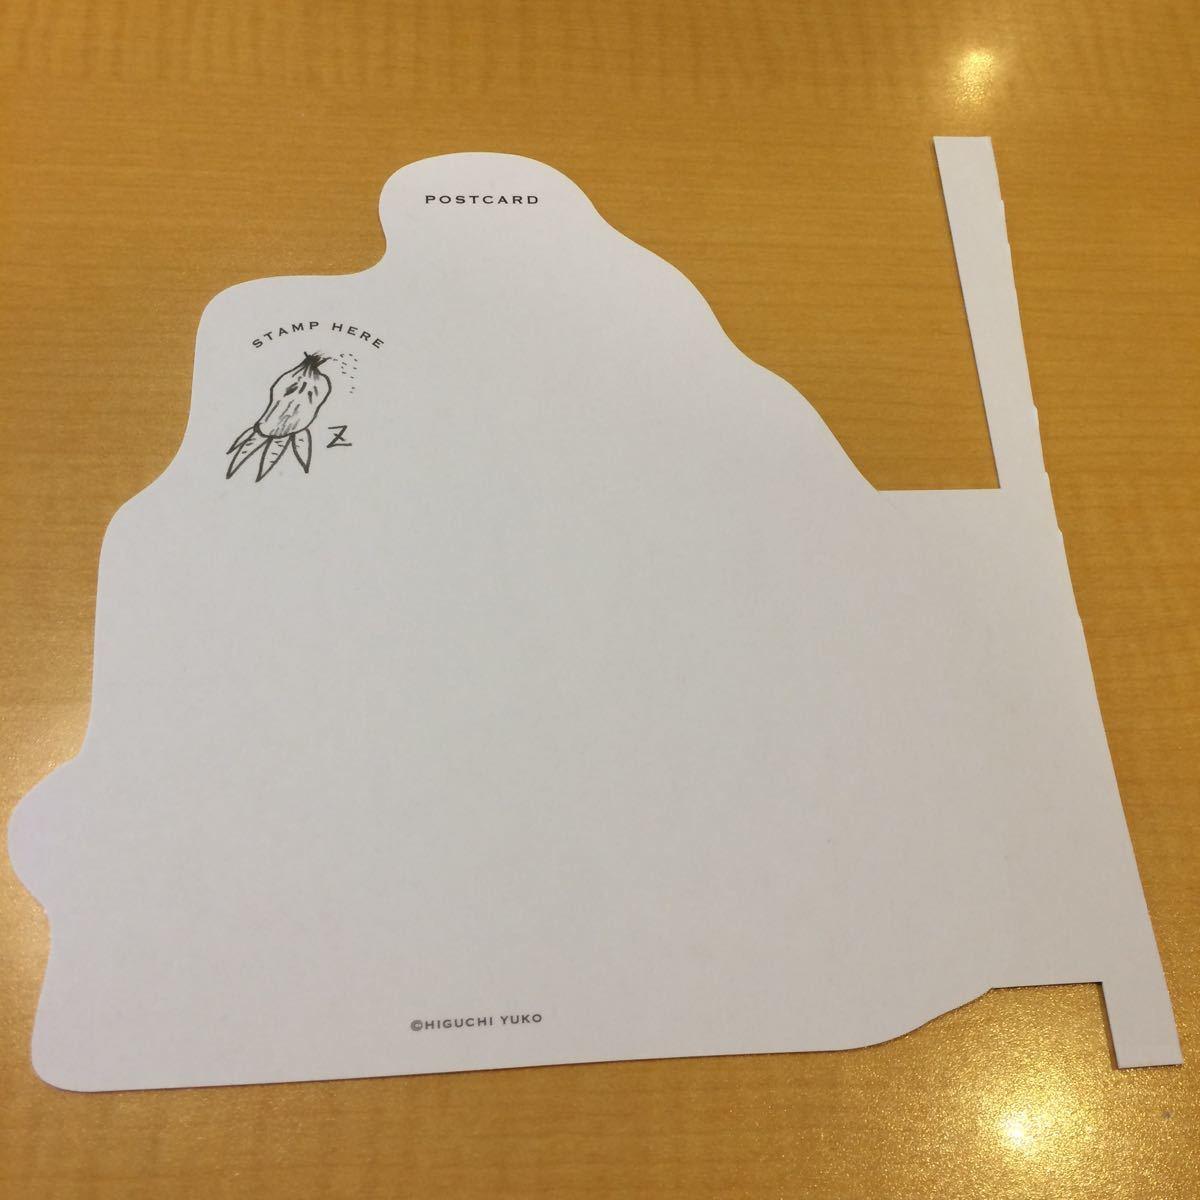 ヒグチユウコ 型抜きポストカード Z アルファベット 葉書 ハガキ はがき メッセージカード ネコ 猫 ねこ 動物 イニシャル_画像2